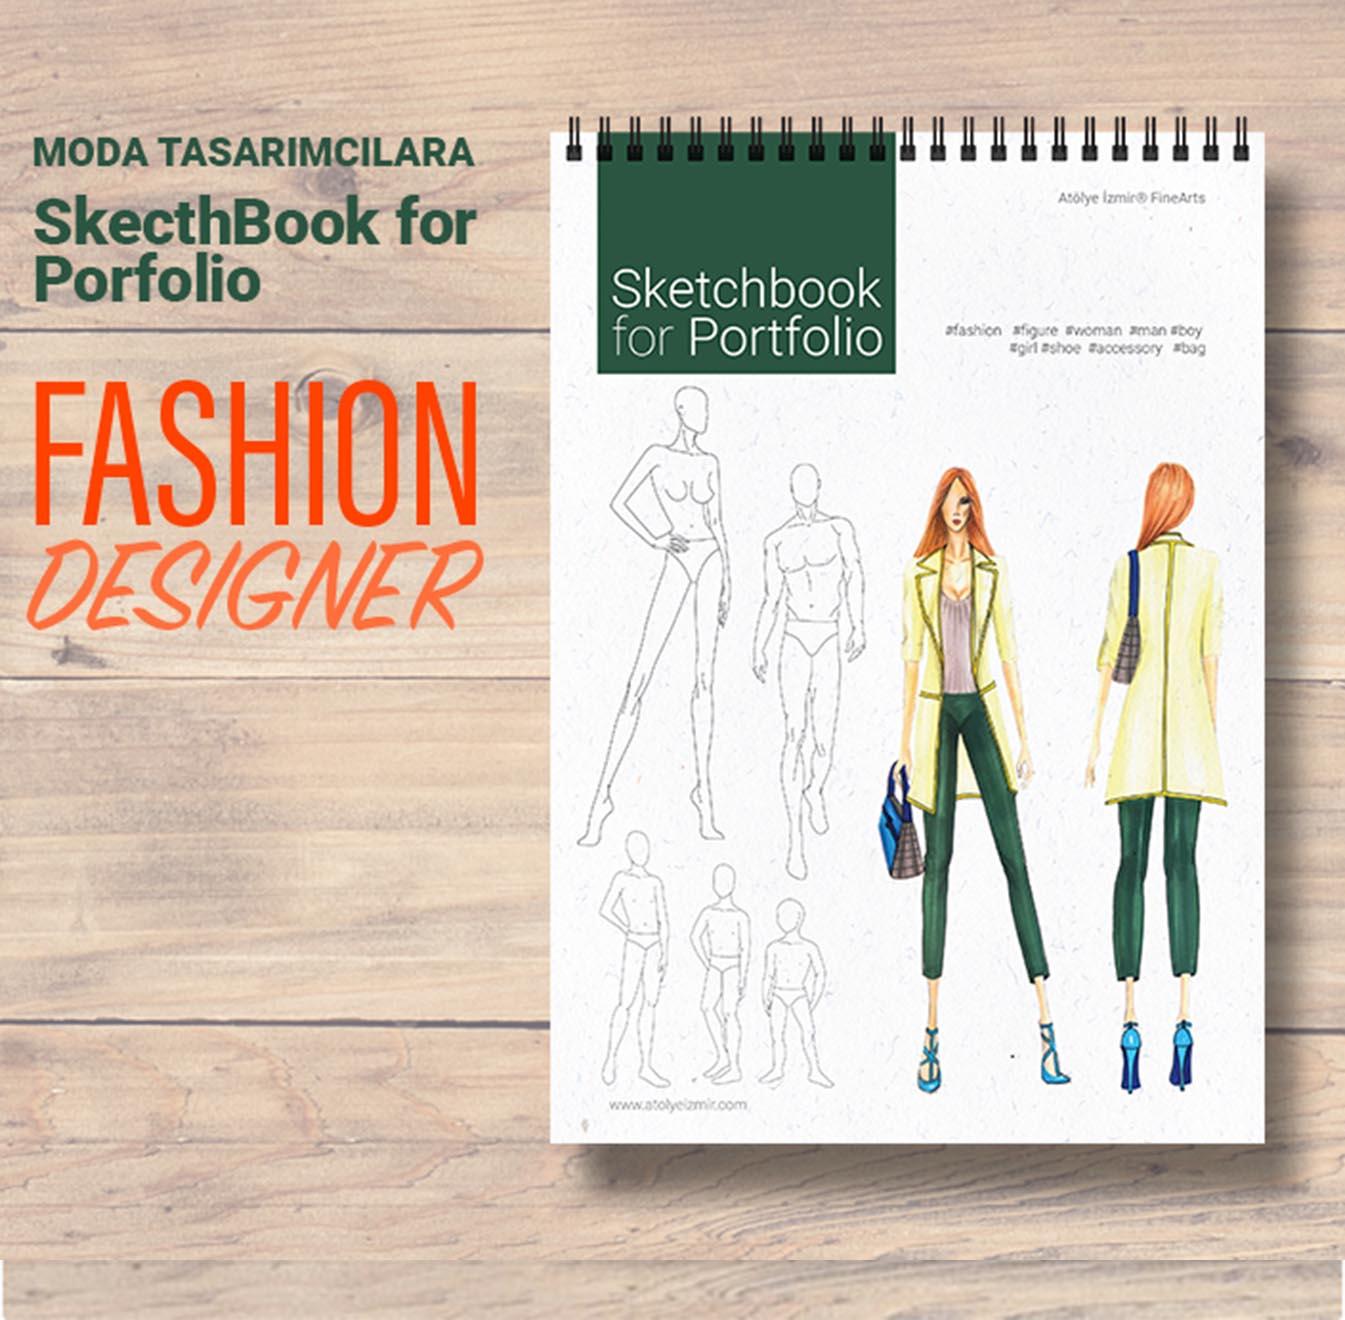 Atölye İzmir – Moda Tasarım Eğitmenleri tarafından hazırlanan Sketchbook for Portfolyo